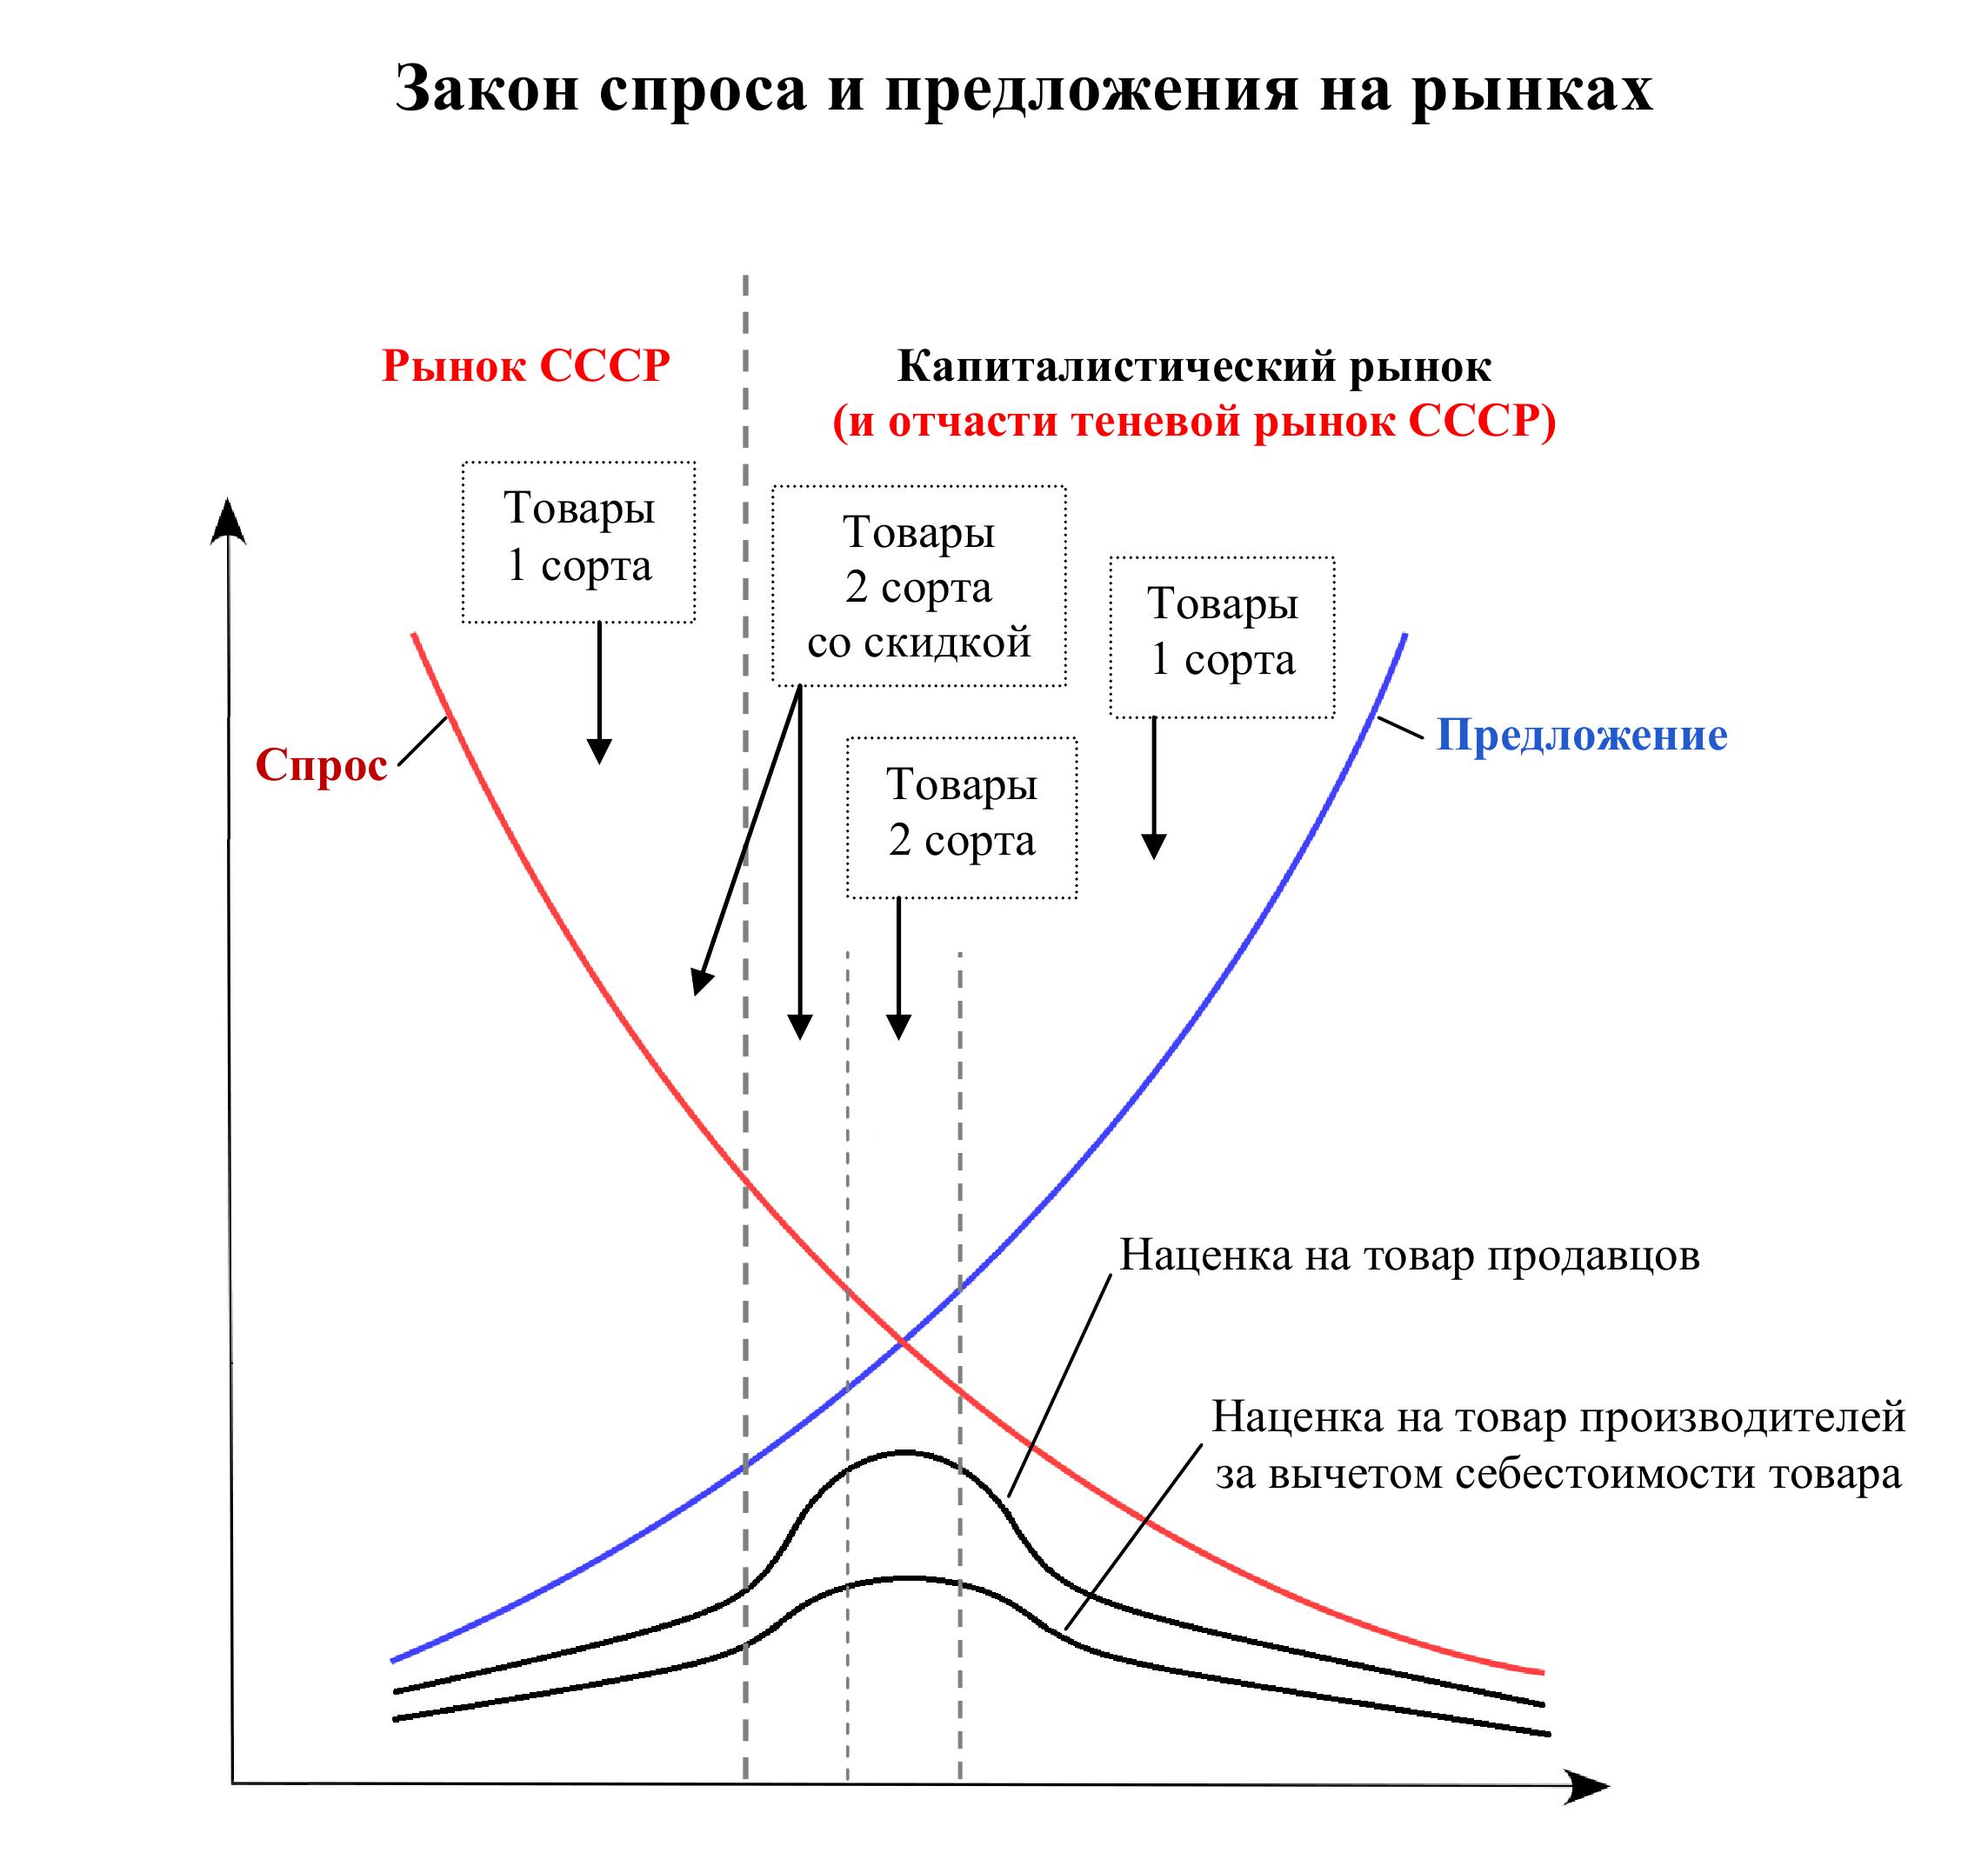 Закон спроса и предложения для социалистического и капиталистический рынков